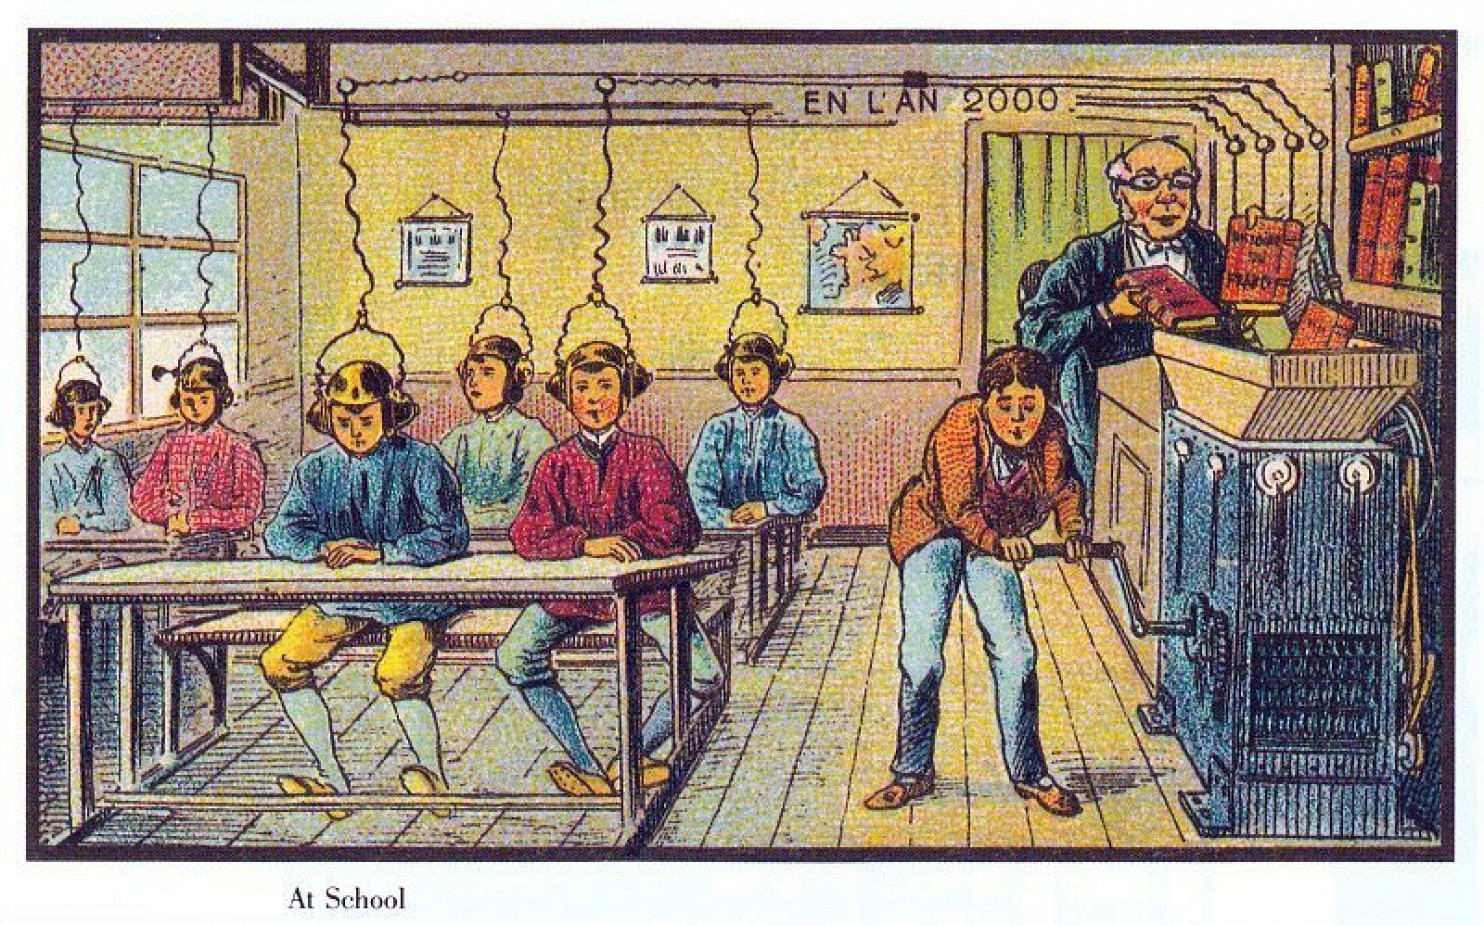 como imaginaban el futuro en 1900 ilustraciones 9